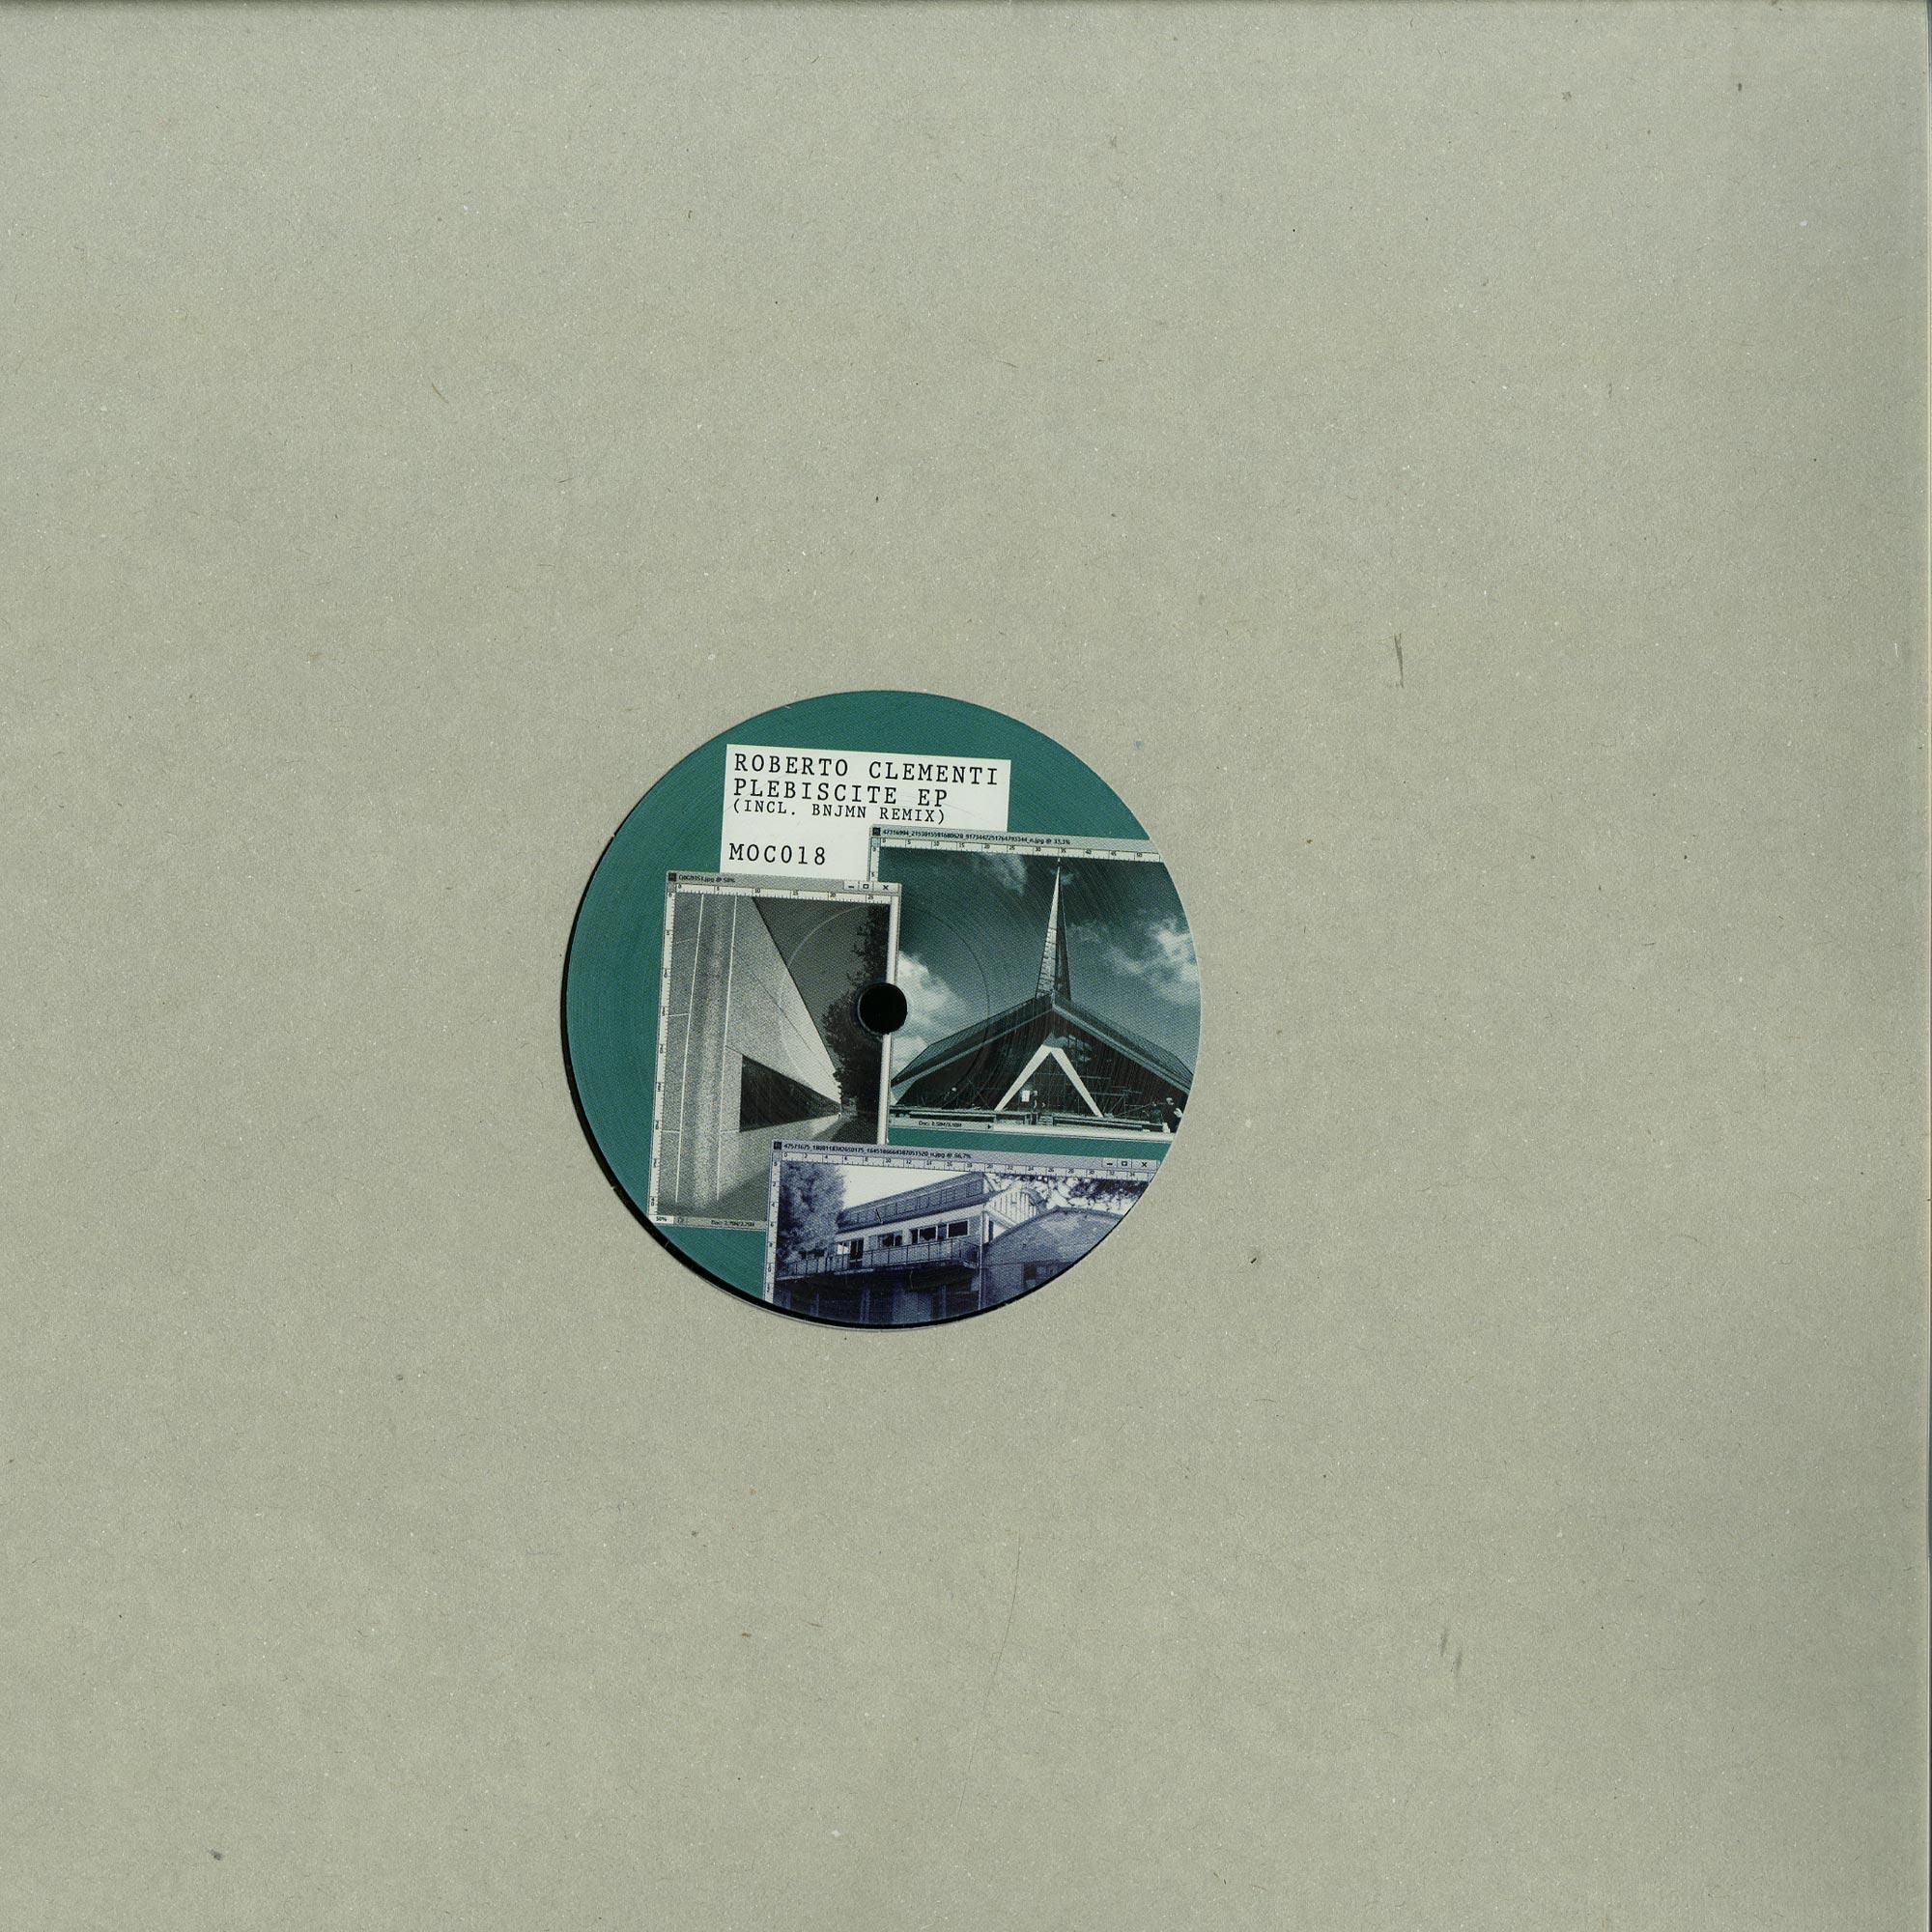 Roberto Clementi - PLEBISCITE EP